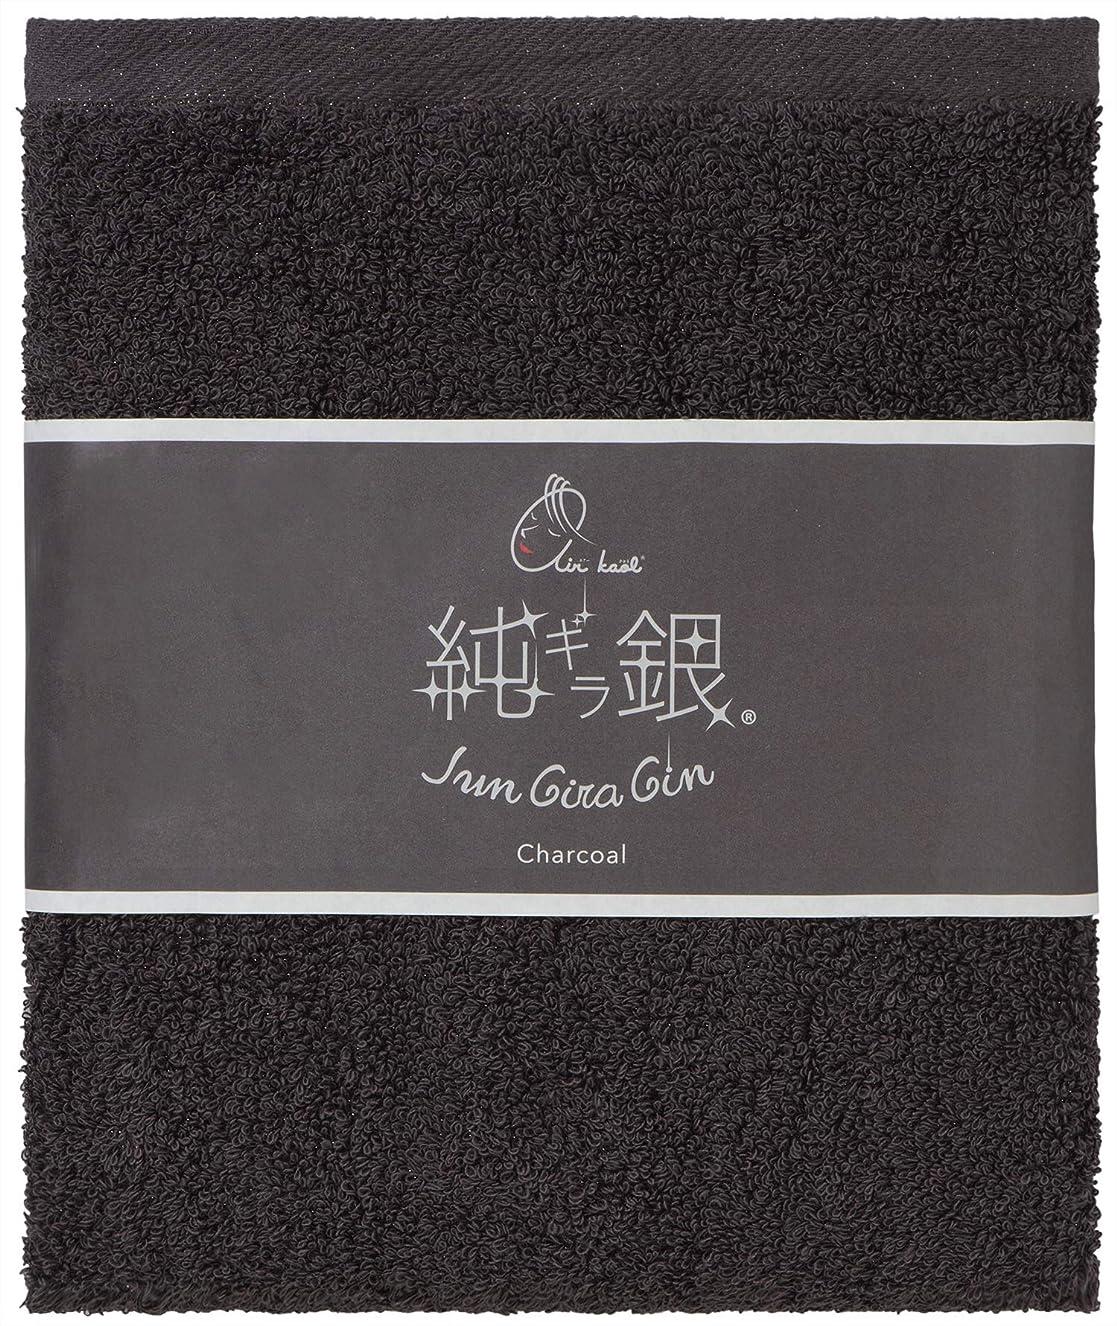 価値奨励福祉浅野撚糸 バスタオル チャコール 約60×100cm エアーかおる純ギラ銀 日本製